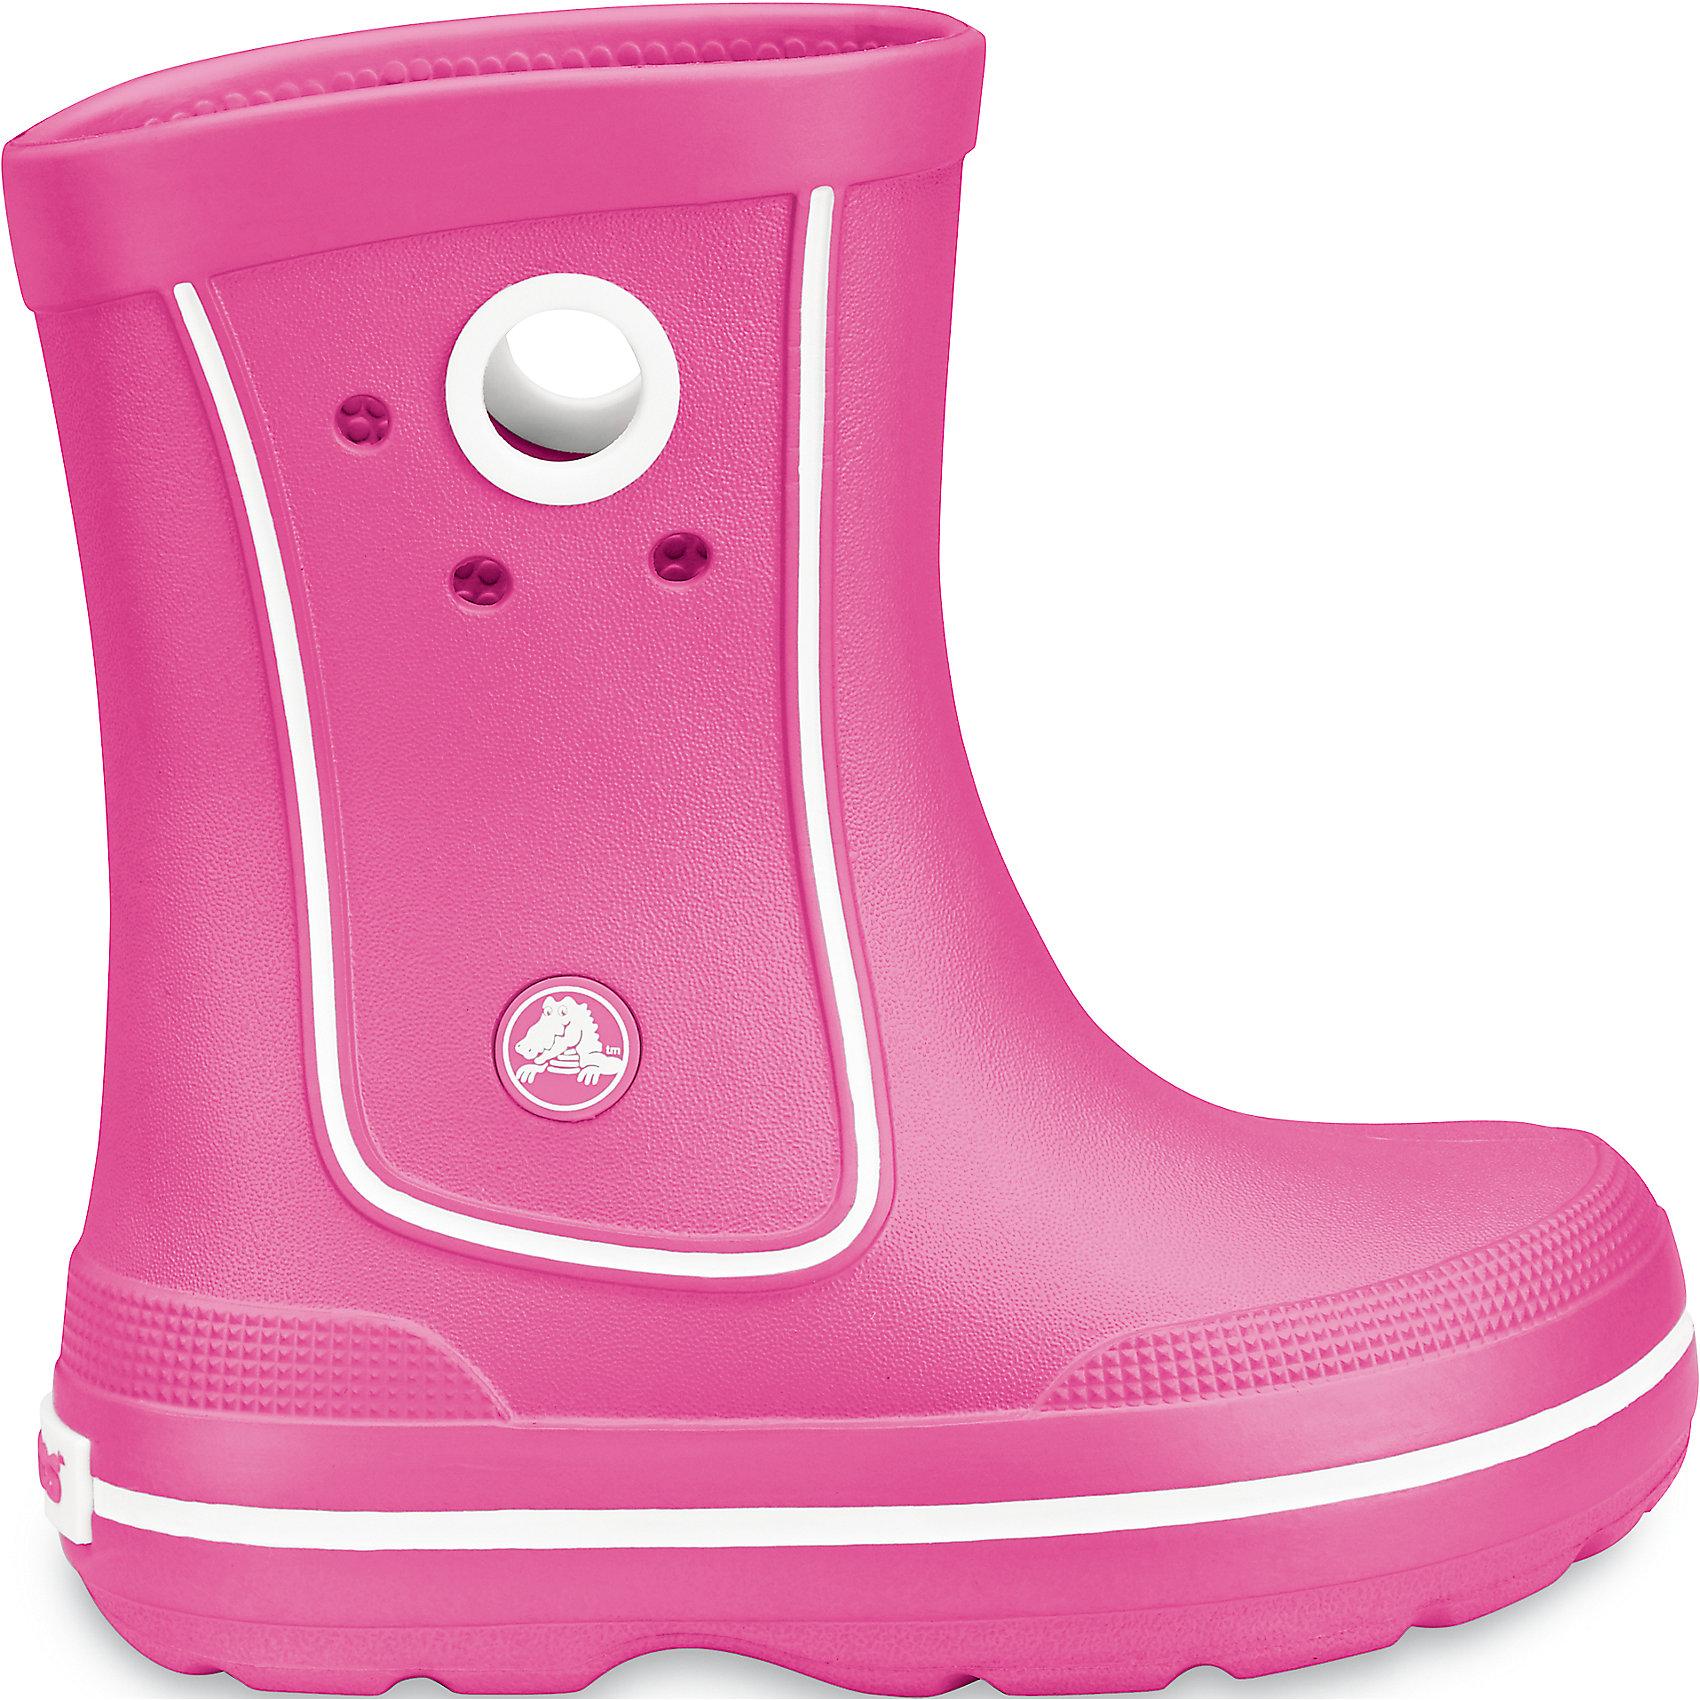 Резиновые сапоги Crocband™ Jaunt Kids CrocsХарактеристики товара:<br><br>• цвет: розовый<br>• материал: 100% полимер Croslite™<br>• непромокаемые<br>• температурный режим: от 0° до +20° С<br>• легко очищаются<br>• антискользящая подошва<br>• толстая устойчивая подошва<br>• страна бренда: США<br>• страна изготовитель: Китай<br><br>Сапоги могут быть и стильными, и непромокаемыми! Для детской обуви крайне важно, чтобы она была удобной. Такие сапоги обеспечивают детям необходимый комфорт, а надежный материал не пропускает внутрь воду. Сапоги легко надеваются и снимаются, отлично сидят на ноге. Материал, из которого они сделаны, не дает размножаться бактериям, поэтому такая обувь препятствует образованию неприятного запаха и появлению болезней стоп. Данная модель особенно понравится детям - ведь в них можно бегать по лужам!<br>Обувь от американского бренда Crocs в данный момент завоевала широкую популярность во всем мире, и это не удивительно - ведь она невероятно удобна. Её носят врачи, спортсмены, звёзды шоу-бизнеса, люди, которым много времени приходится бывать на ногах - они понимают, как важна комфортная обувь. Продукция Crocs - это качественные товары, созданные с применением новейших технологий. Обувь отличается стильным дизайном и продуманной конструкцией. Изделие производится из качественных и проверенных материалов, которые безопасны для детей.<br><br>Резиновые сапоги Crocband™ Jaunt Kids от торговой марки Crocs можно купить в нашем интернет-магазине.<br><br>Ширина мм: 262<br>Глубина мм: 176<br>Высота мм: 97<br>Вес г: 427<br>Цвет: фуксия<br>Возраст от месяцев: 120<br>Возраст до месяцев: 132<br>Пол: Женский<br>Возраст: Детский<br>Размер: 34/35,31/32,33/34,32/33,29/30,27/28,25/26,23/24,31/32<br>SKU: 3912095